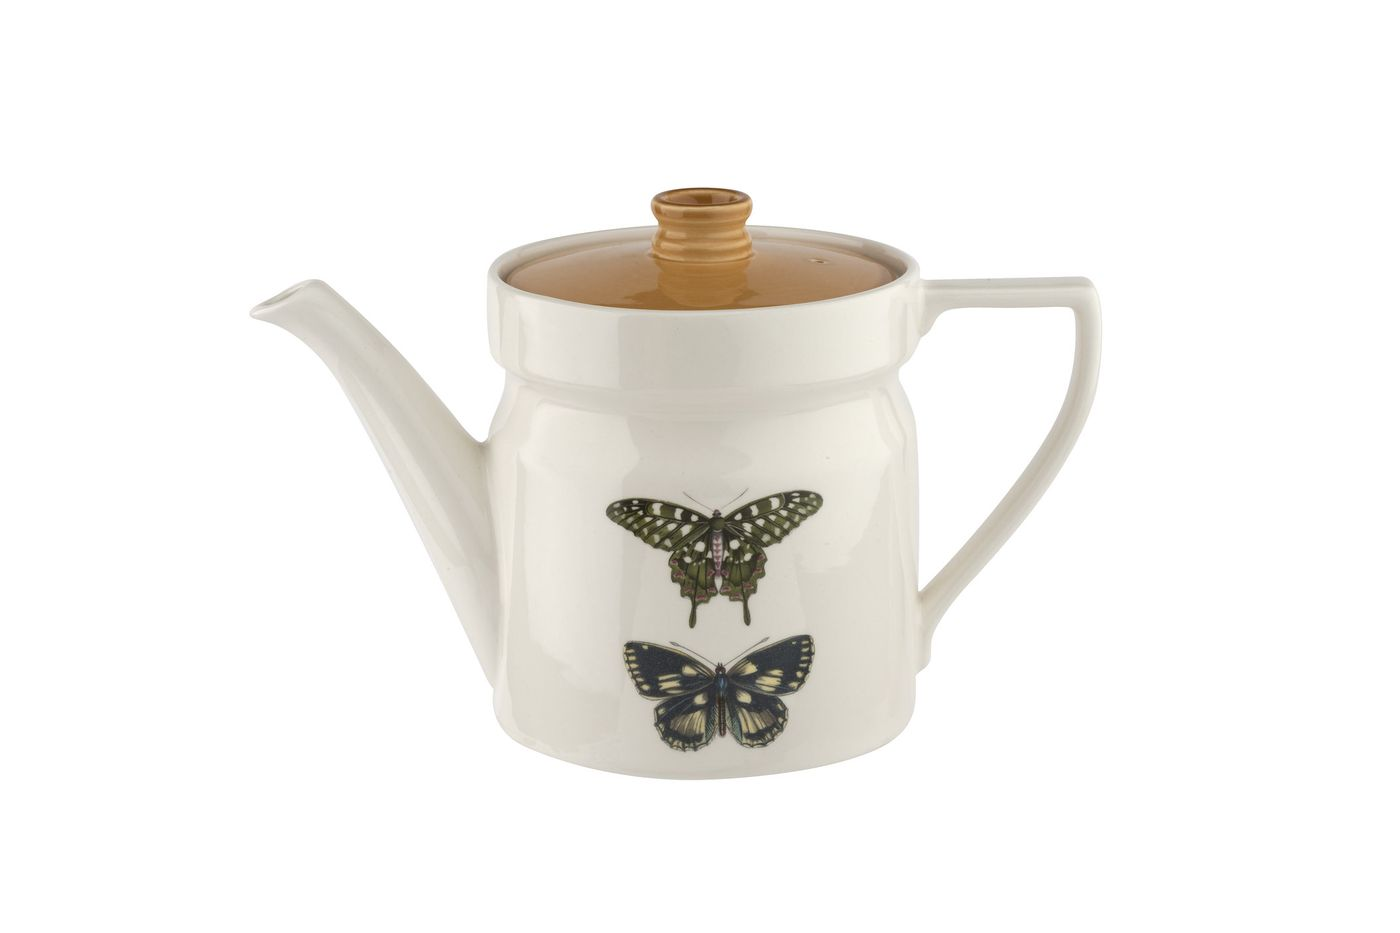 Portmeirion Botanic Garden Harmony Teapot 1.1l thumb 1